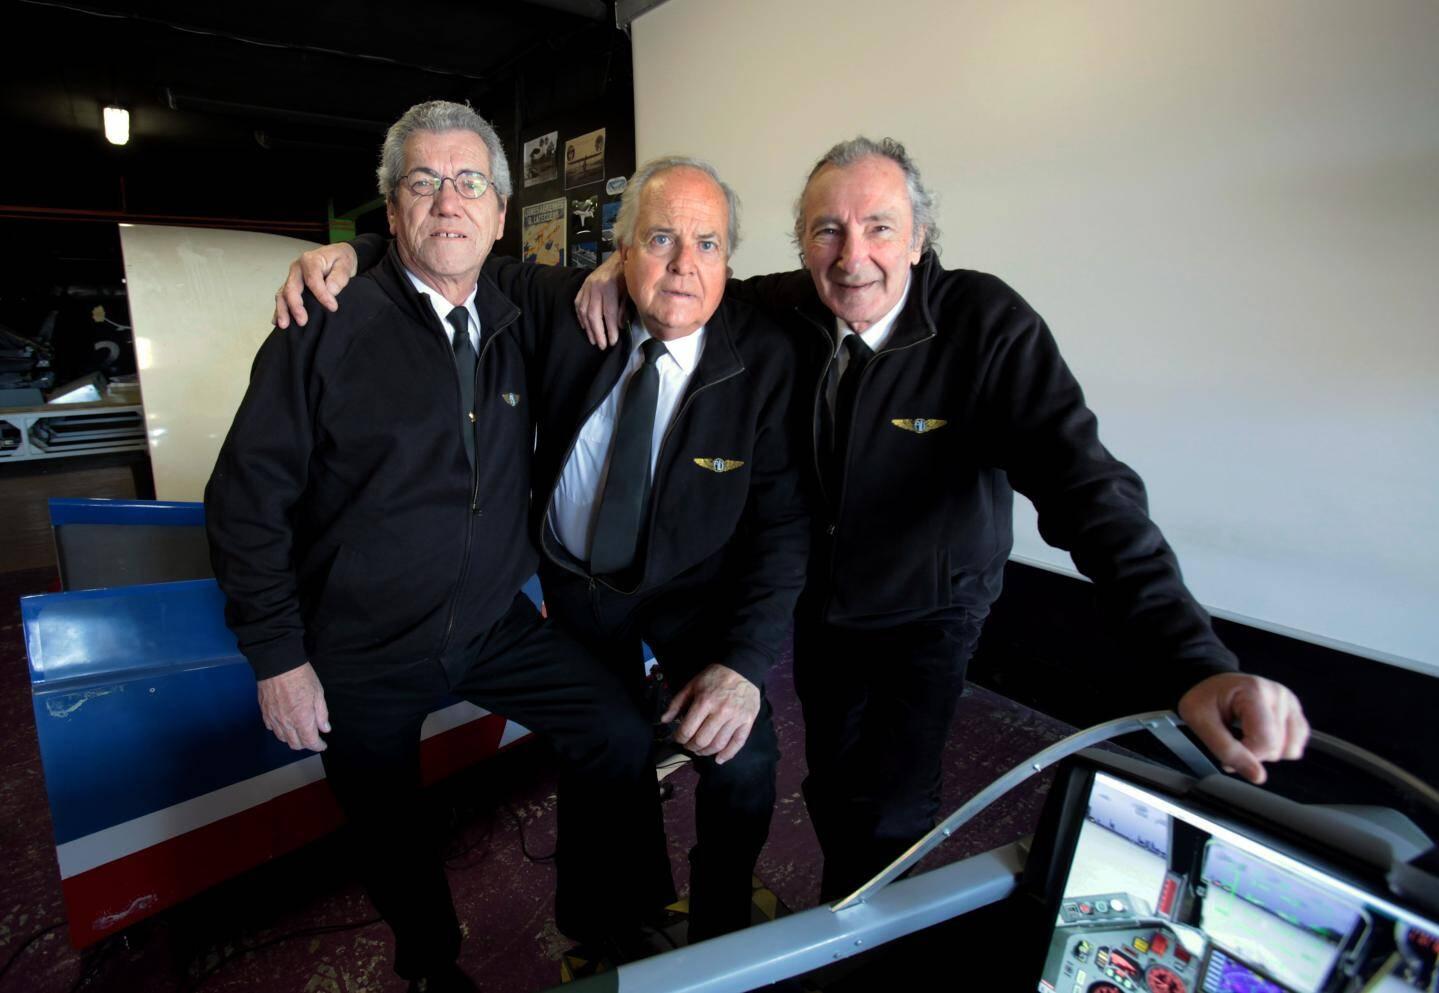 De gauche à droite Patrick, Jean-Paul et Freddy.